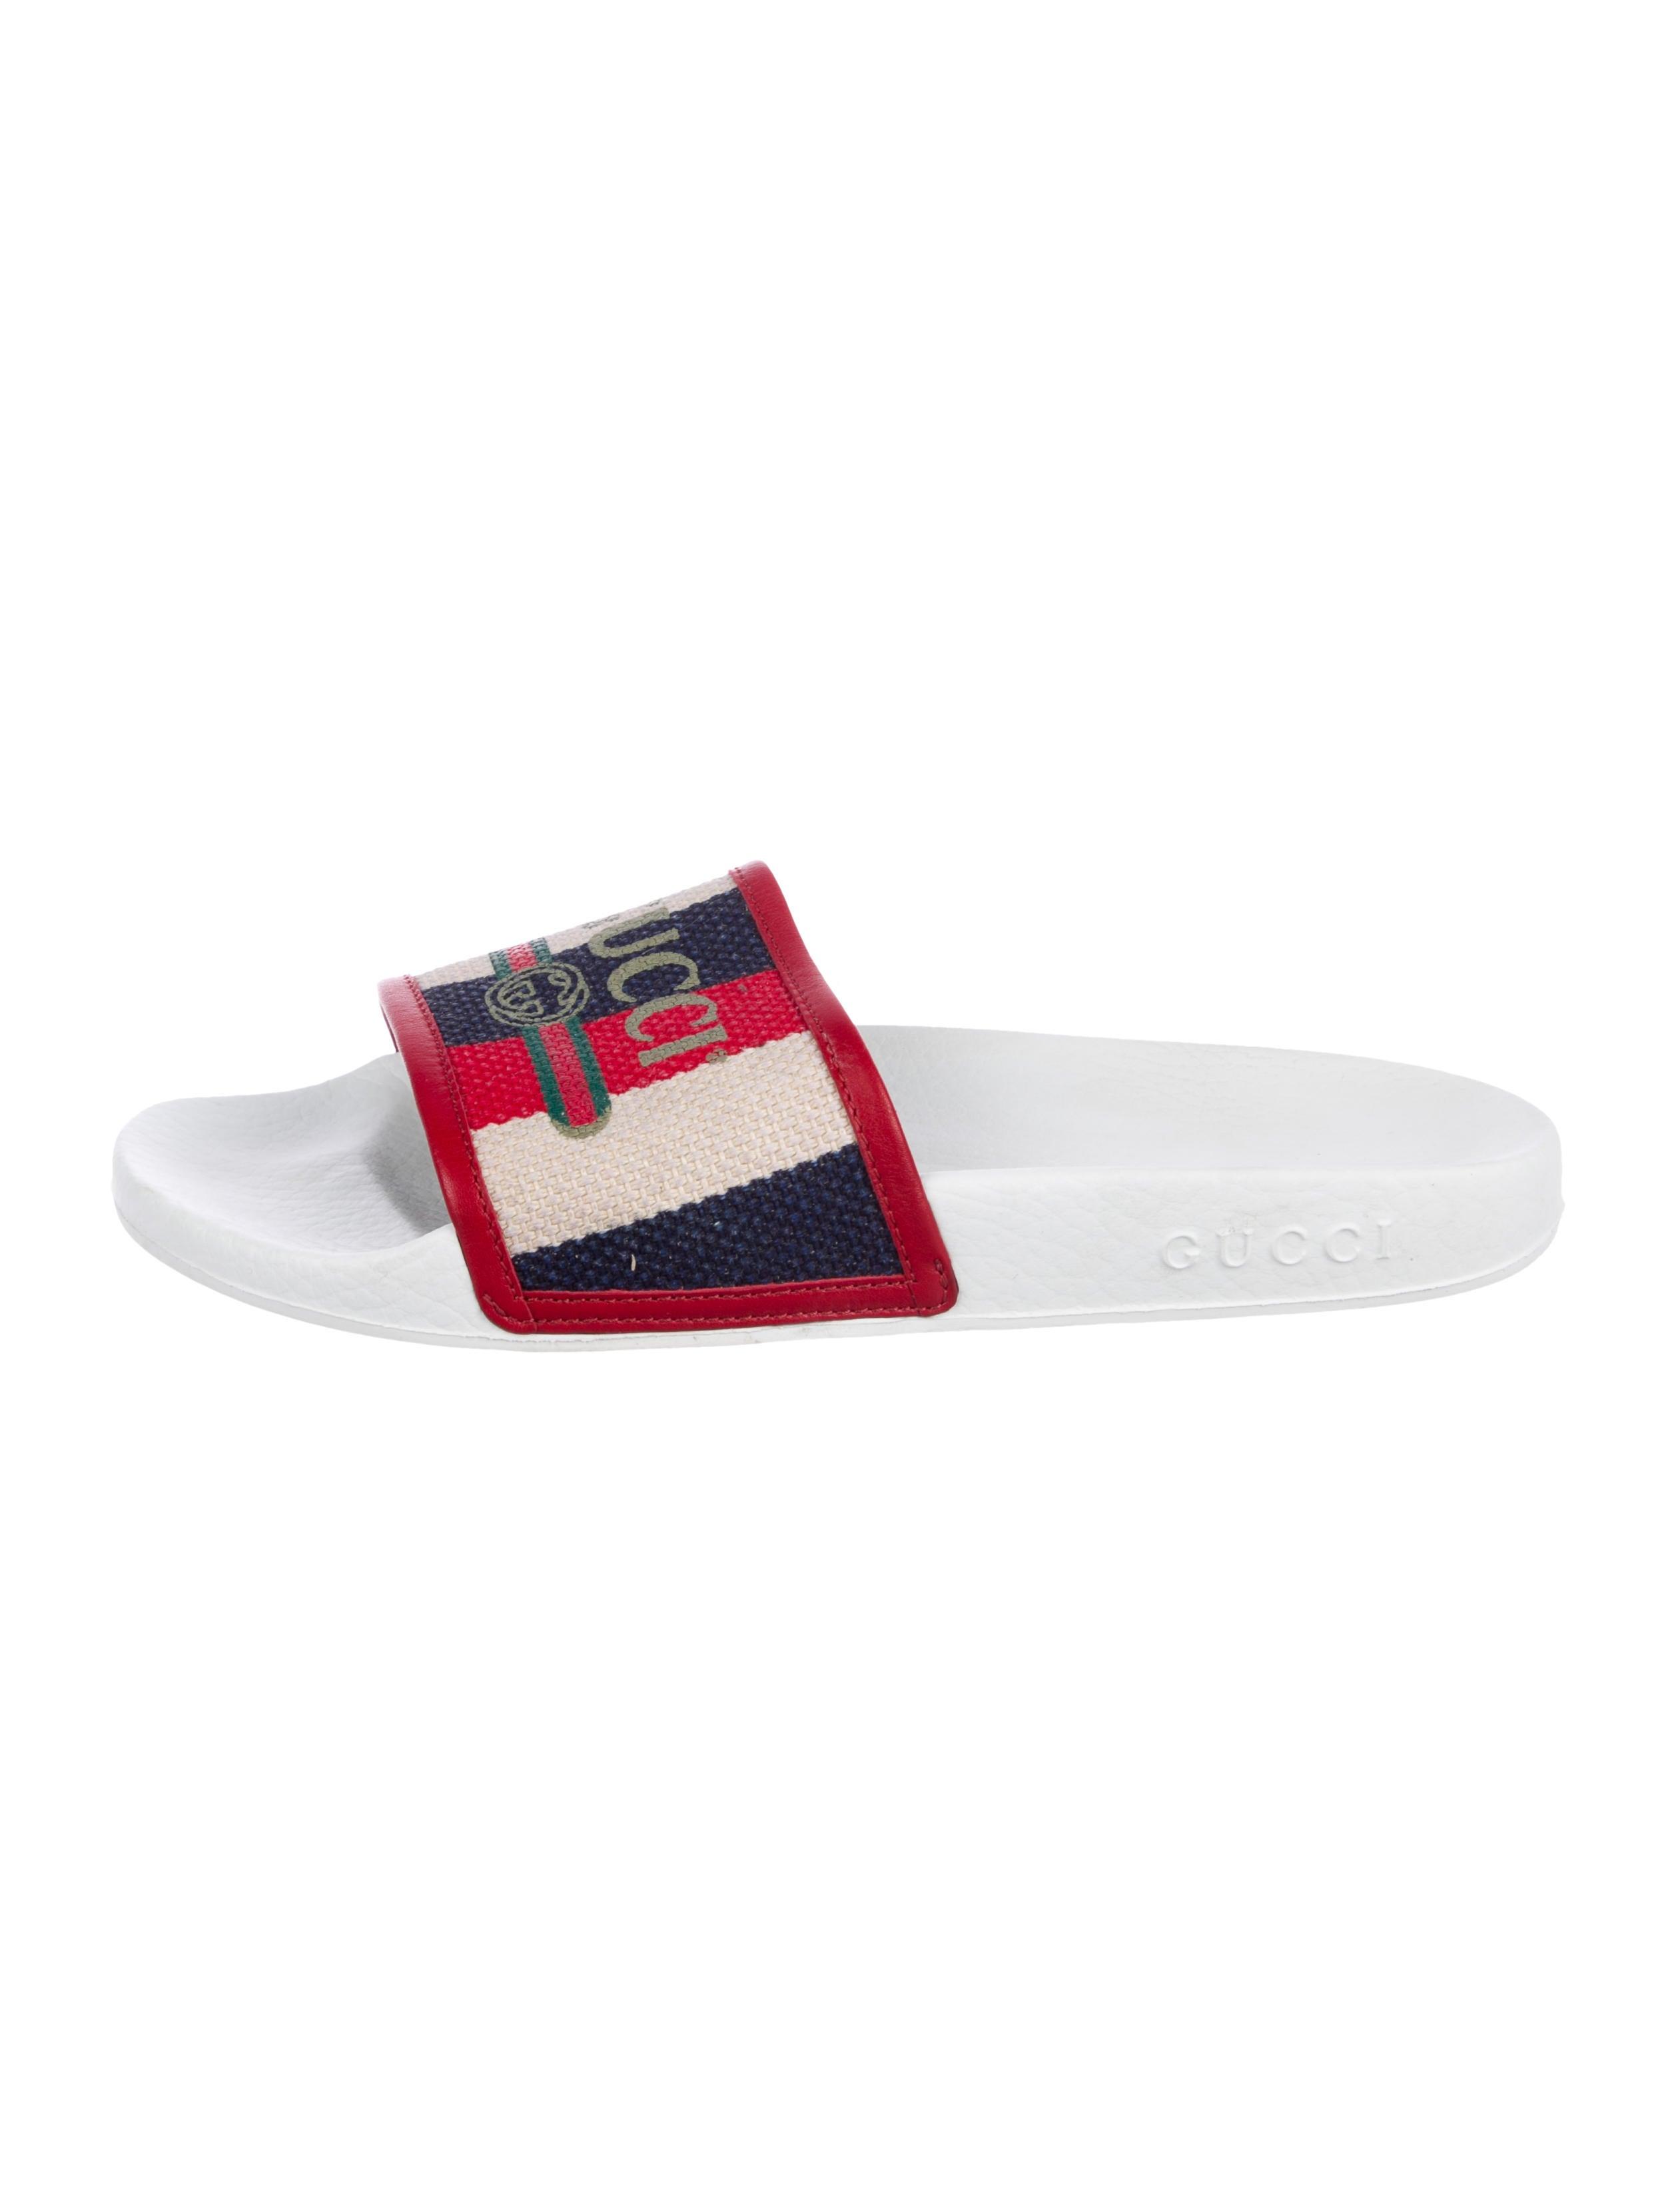 8550531603f Gucci 2018 Logo Print Slide Sandals - Shoes - GUC250818